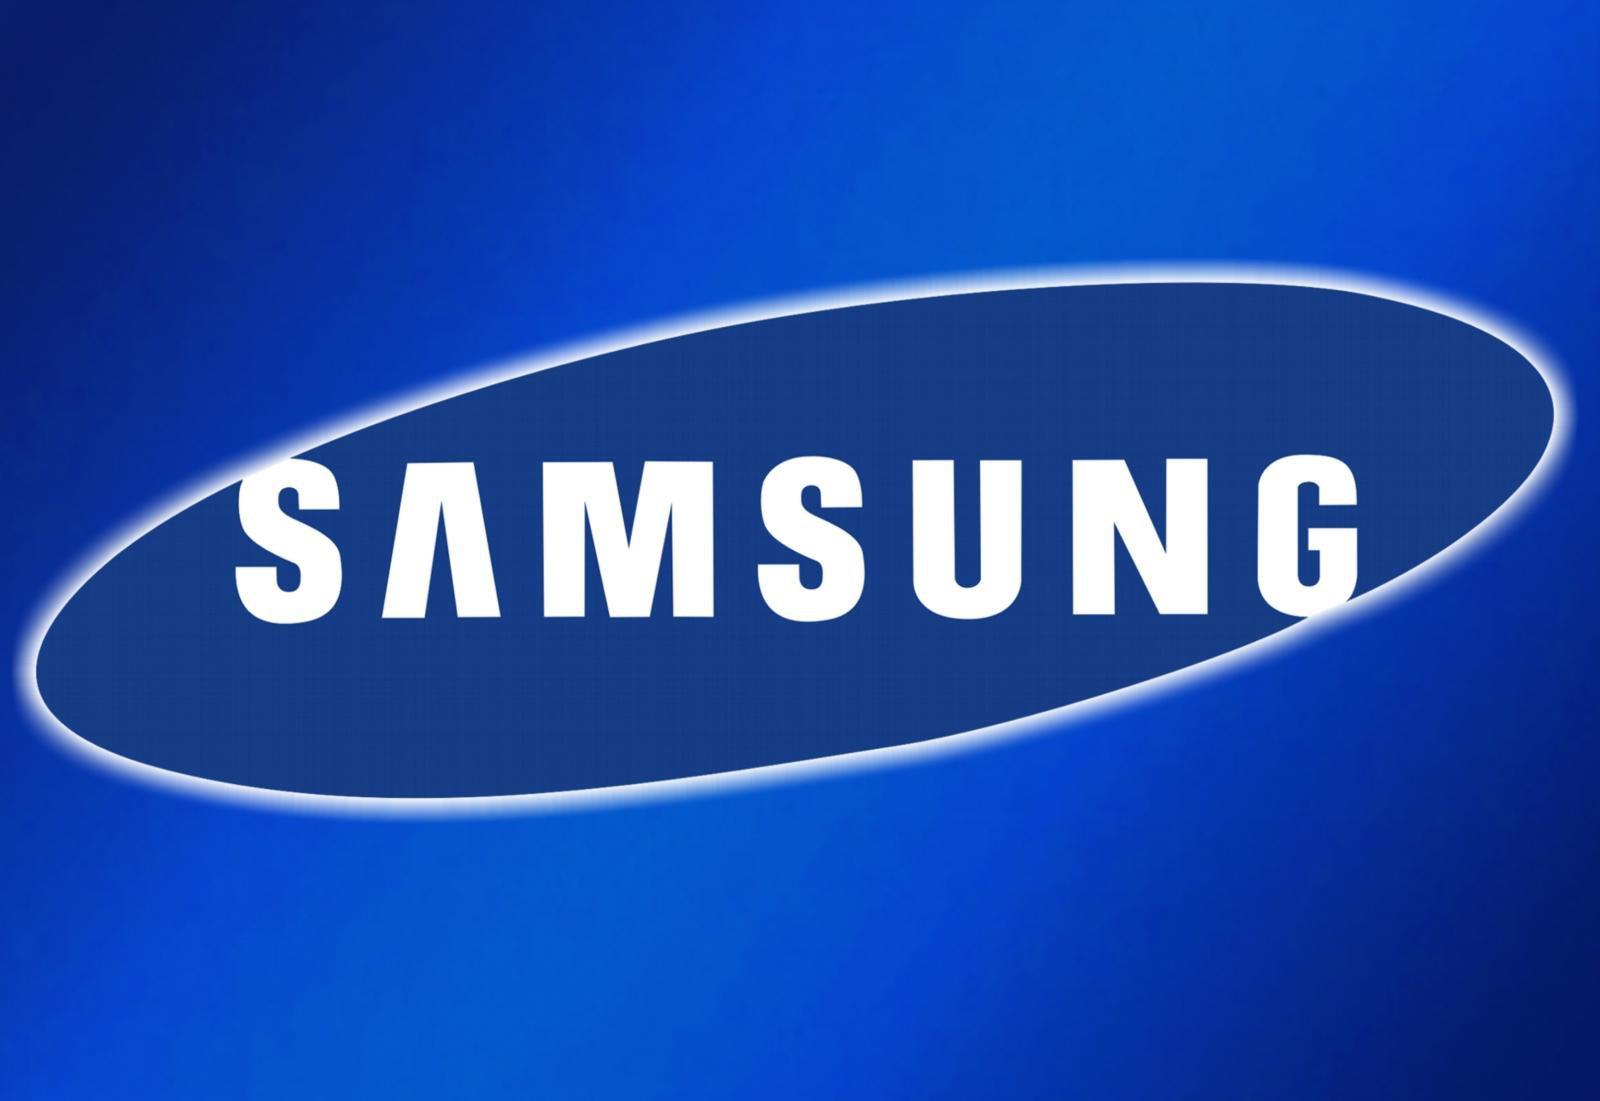 Samsung SM-E700 Info Reveals 720p Screen And 1.5GHz Processor